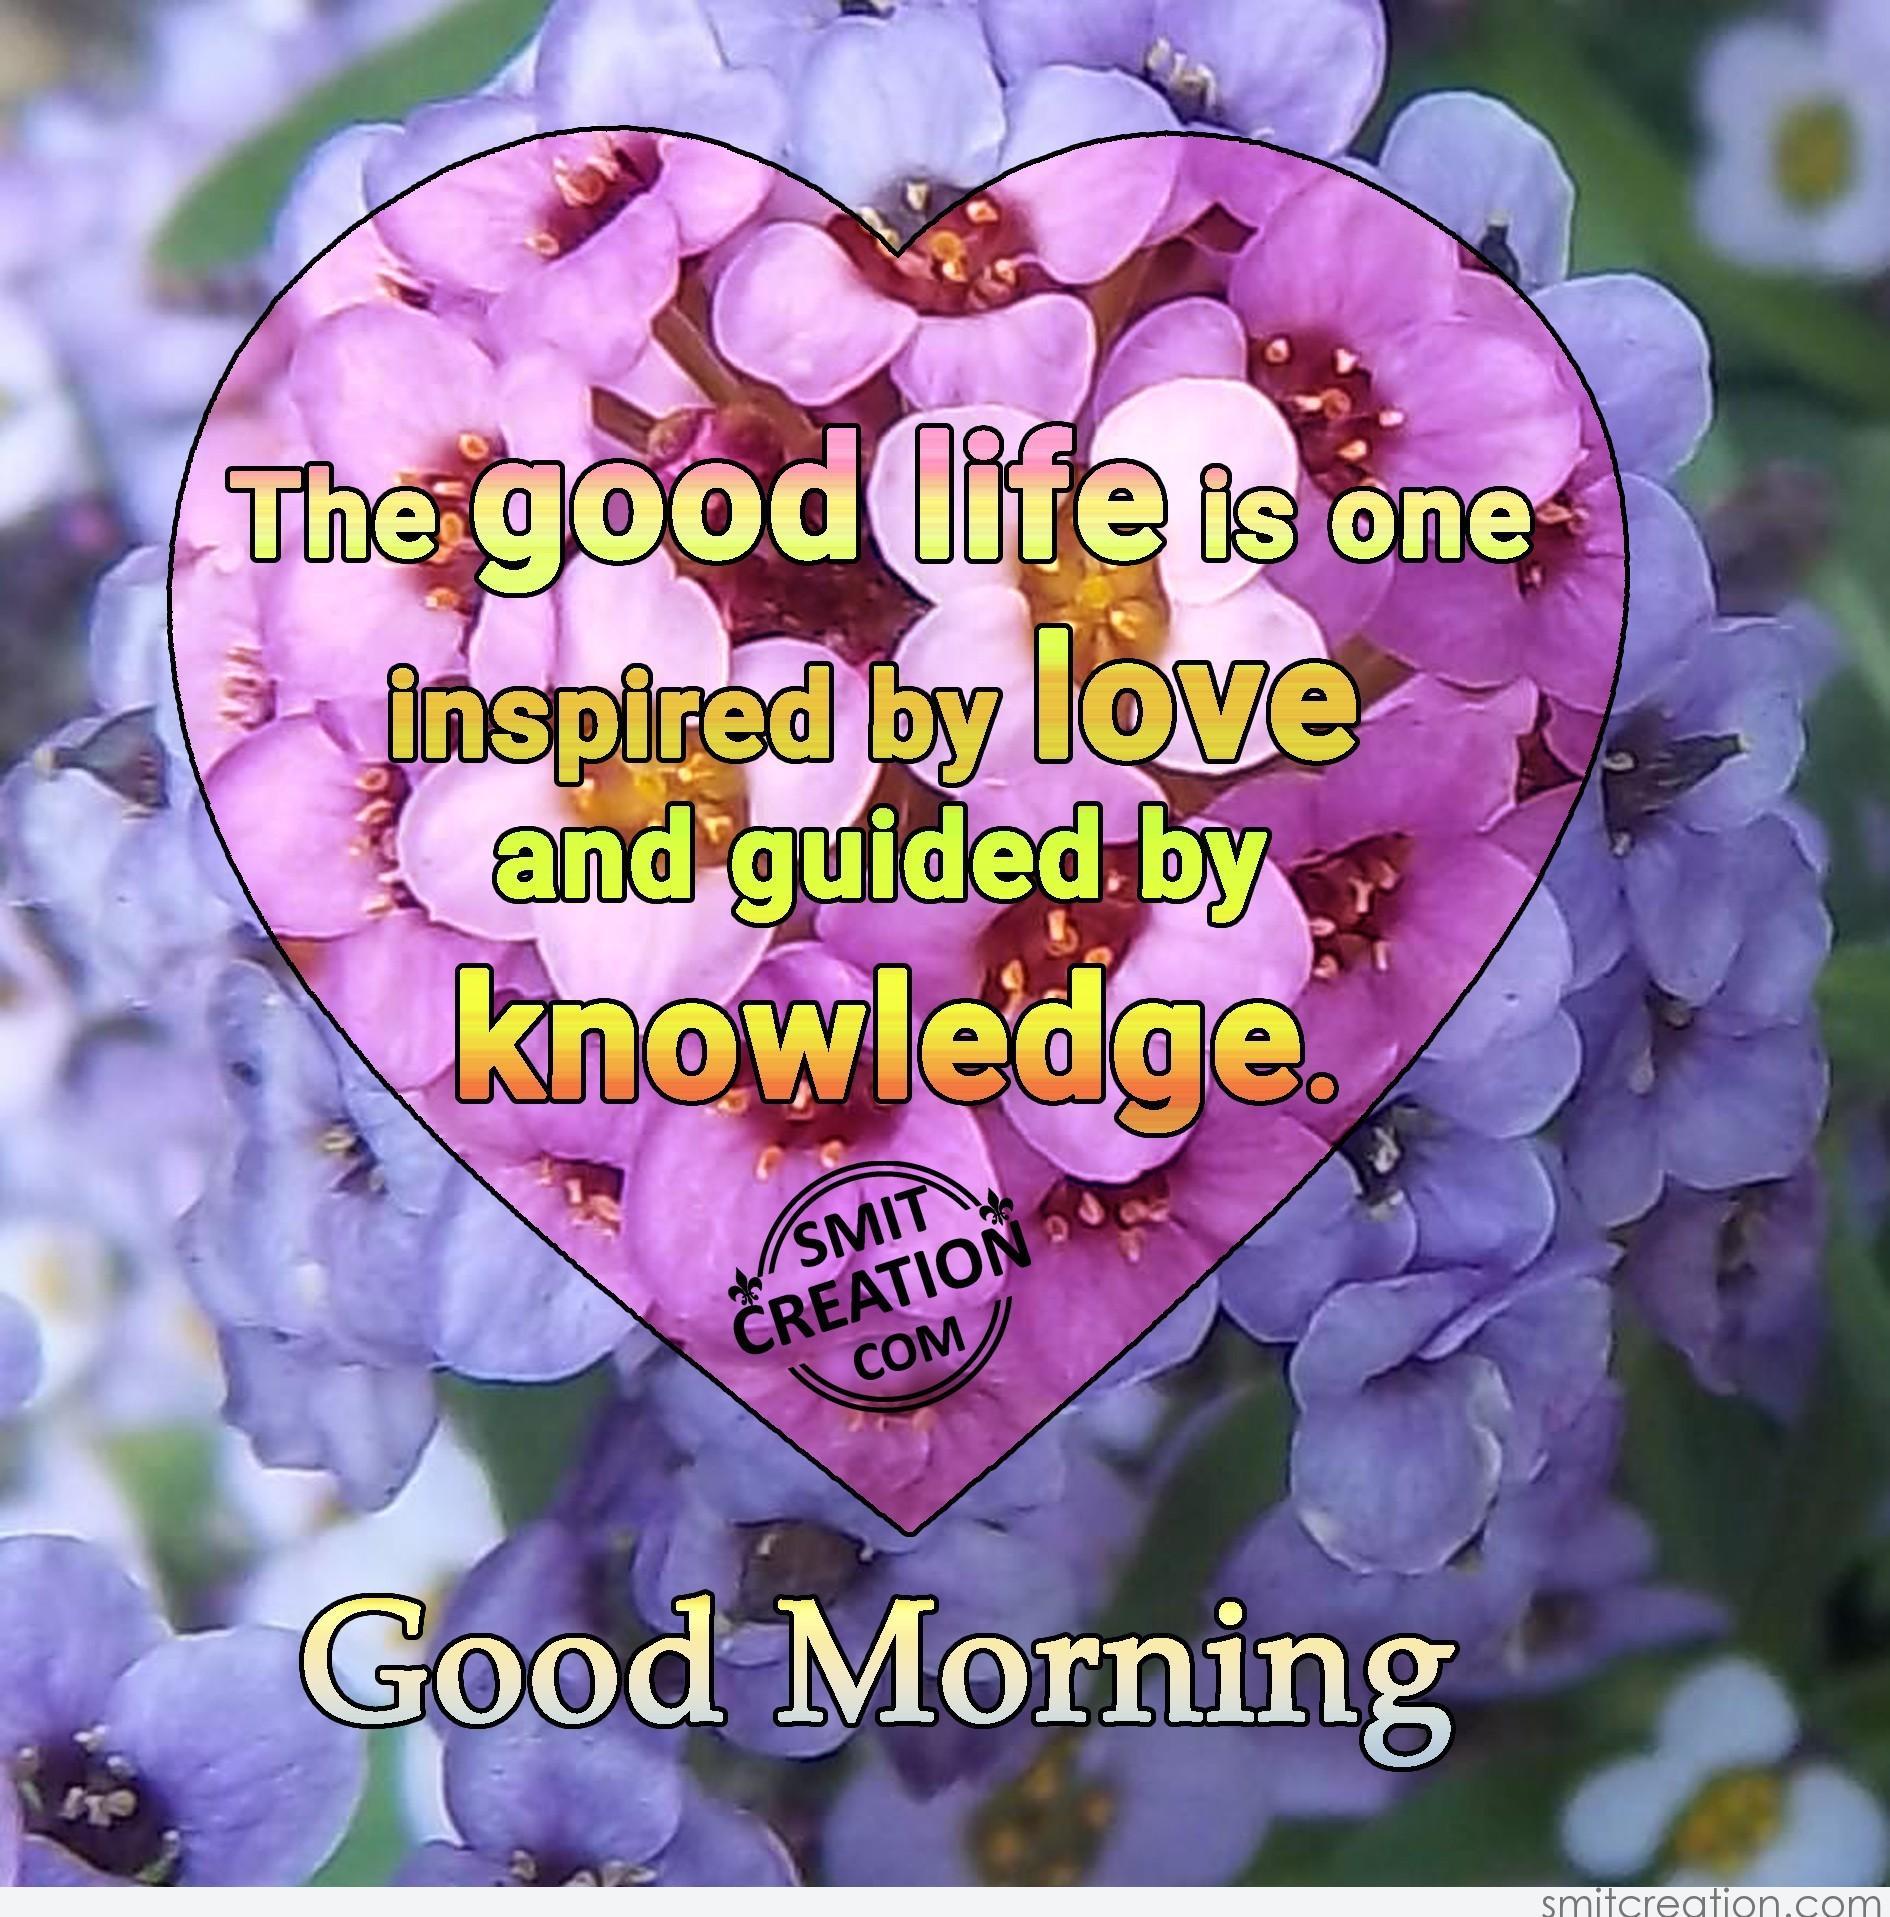 Good Morning The Good Life Smitcreationcom